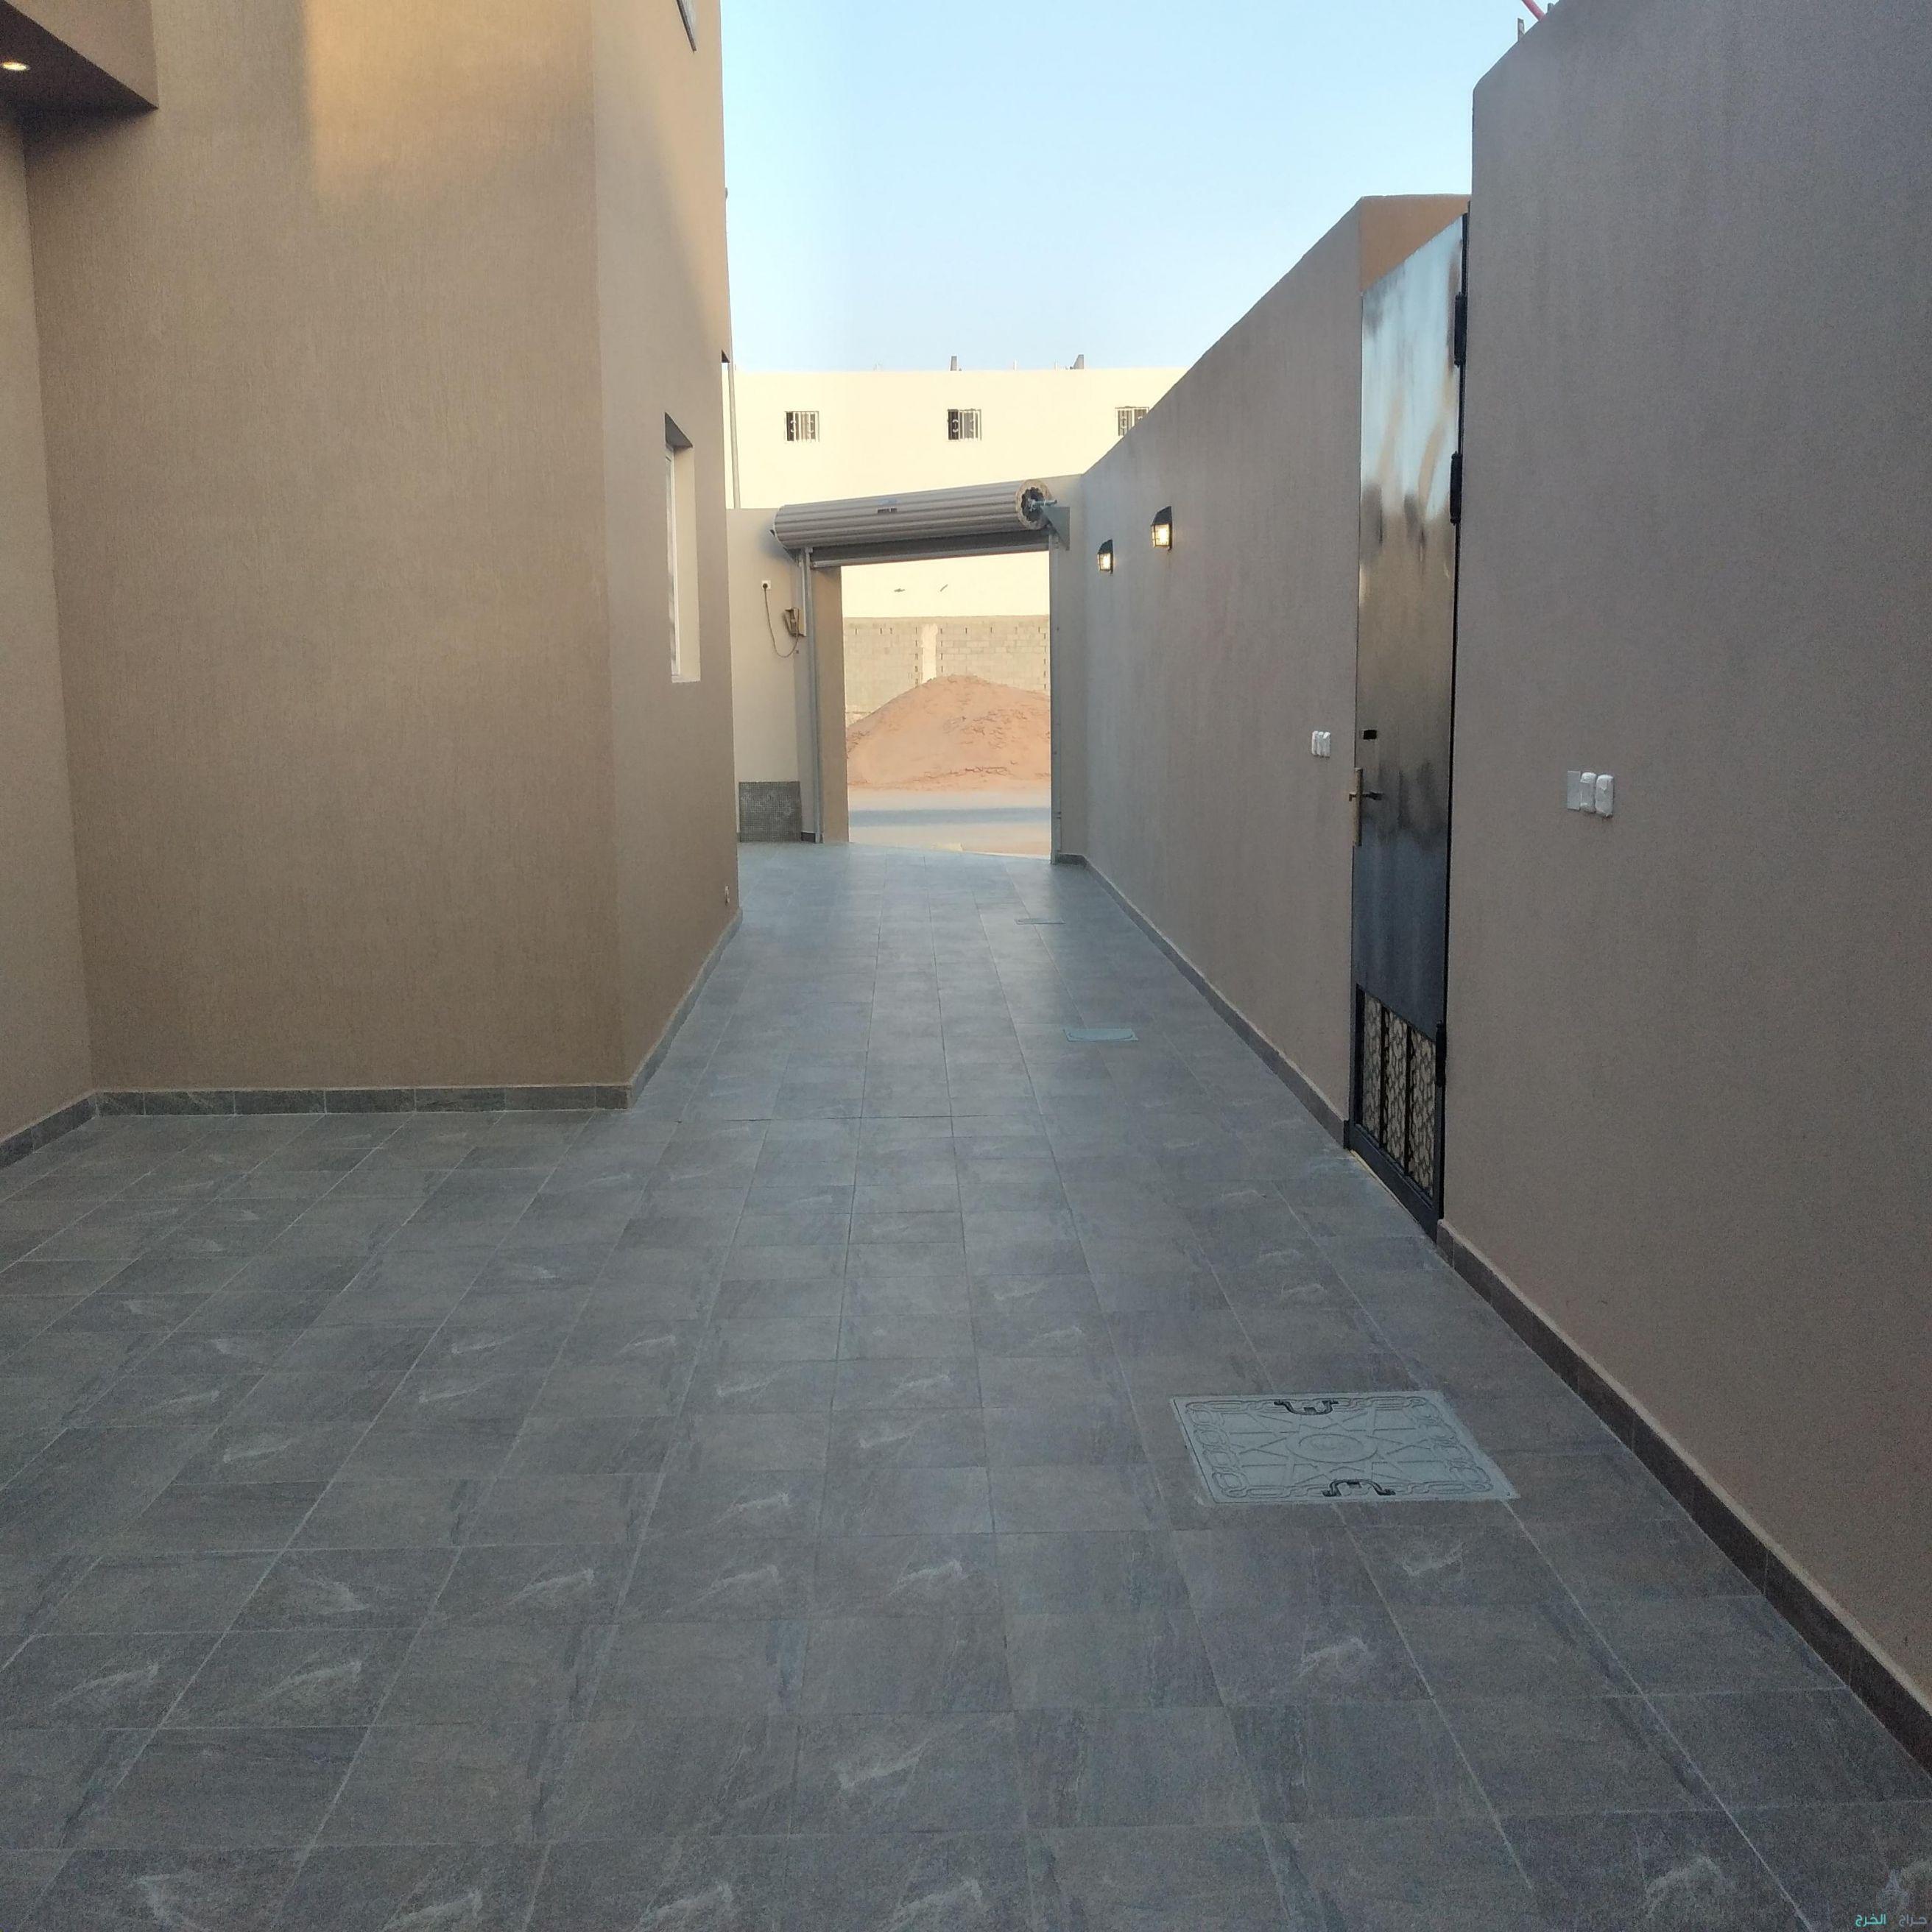 للبيع دور فخم في حي السحاب بالخرج المساحة600م تفتح علي شارعين